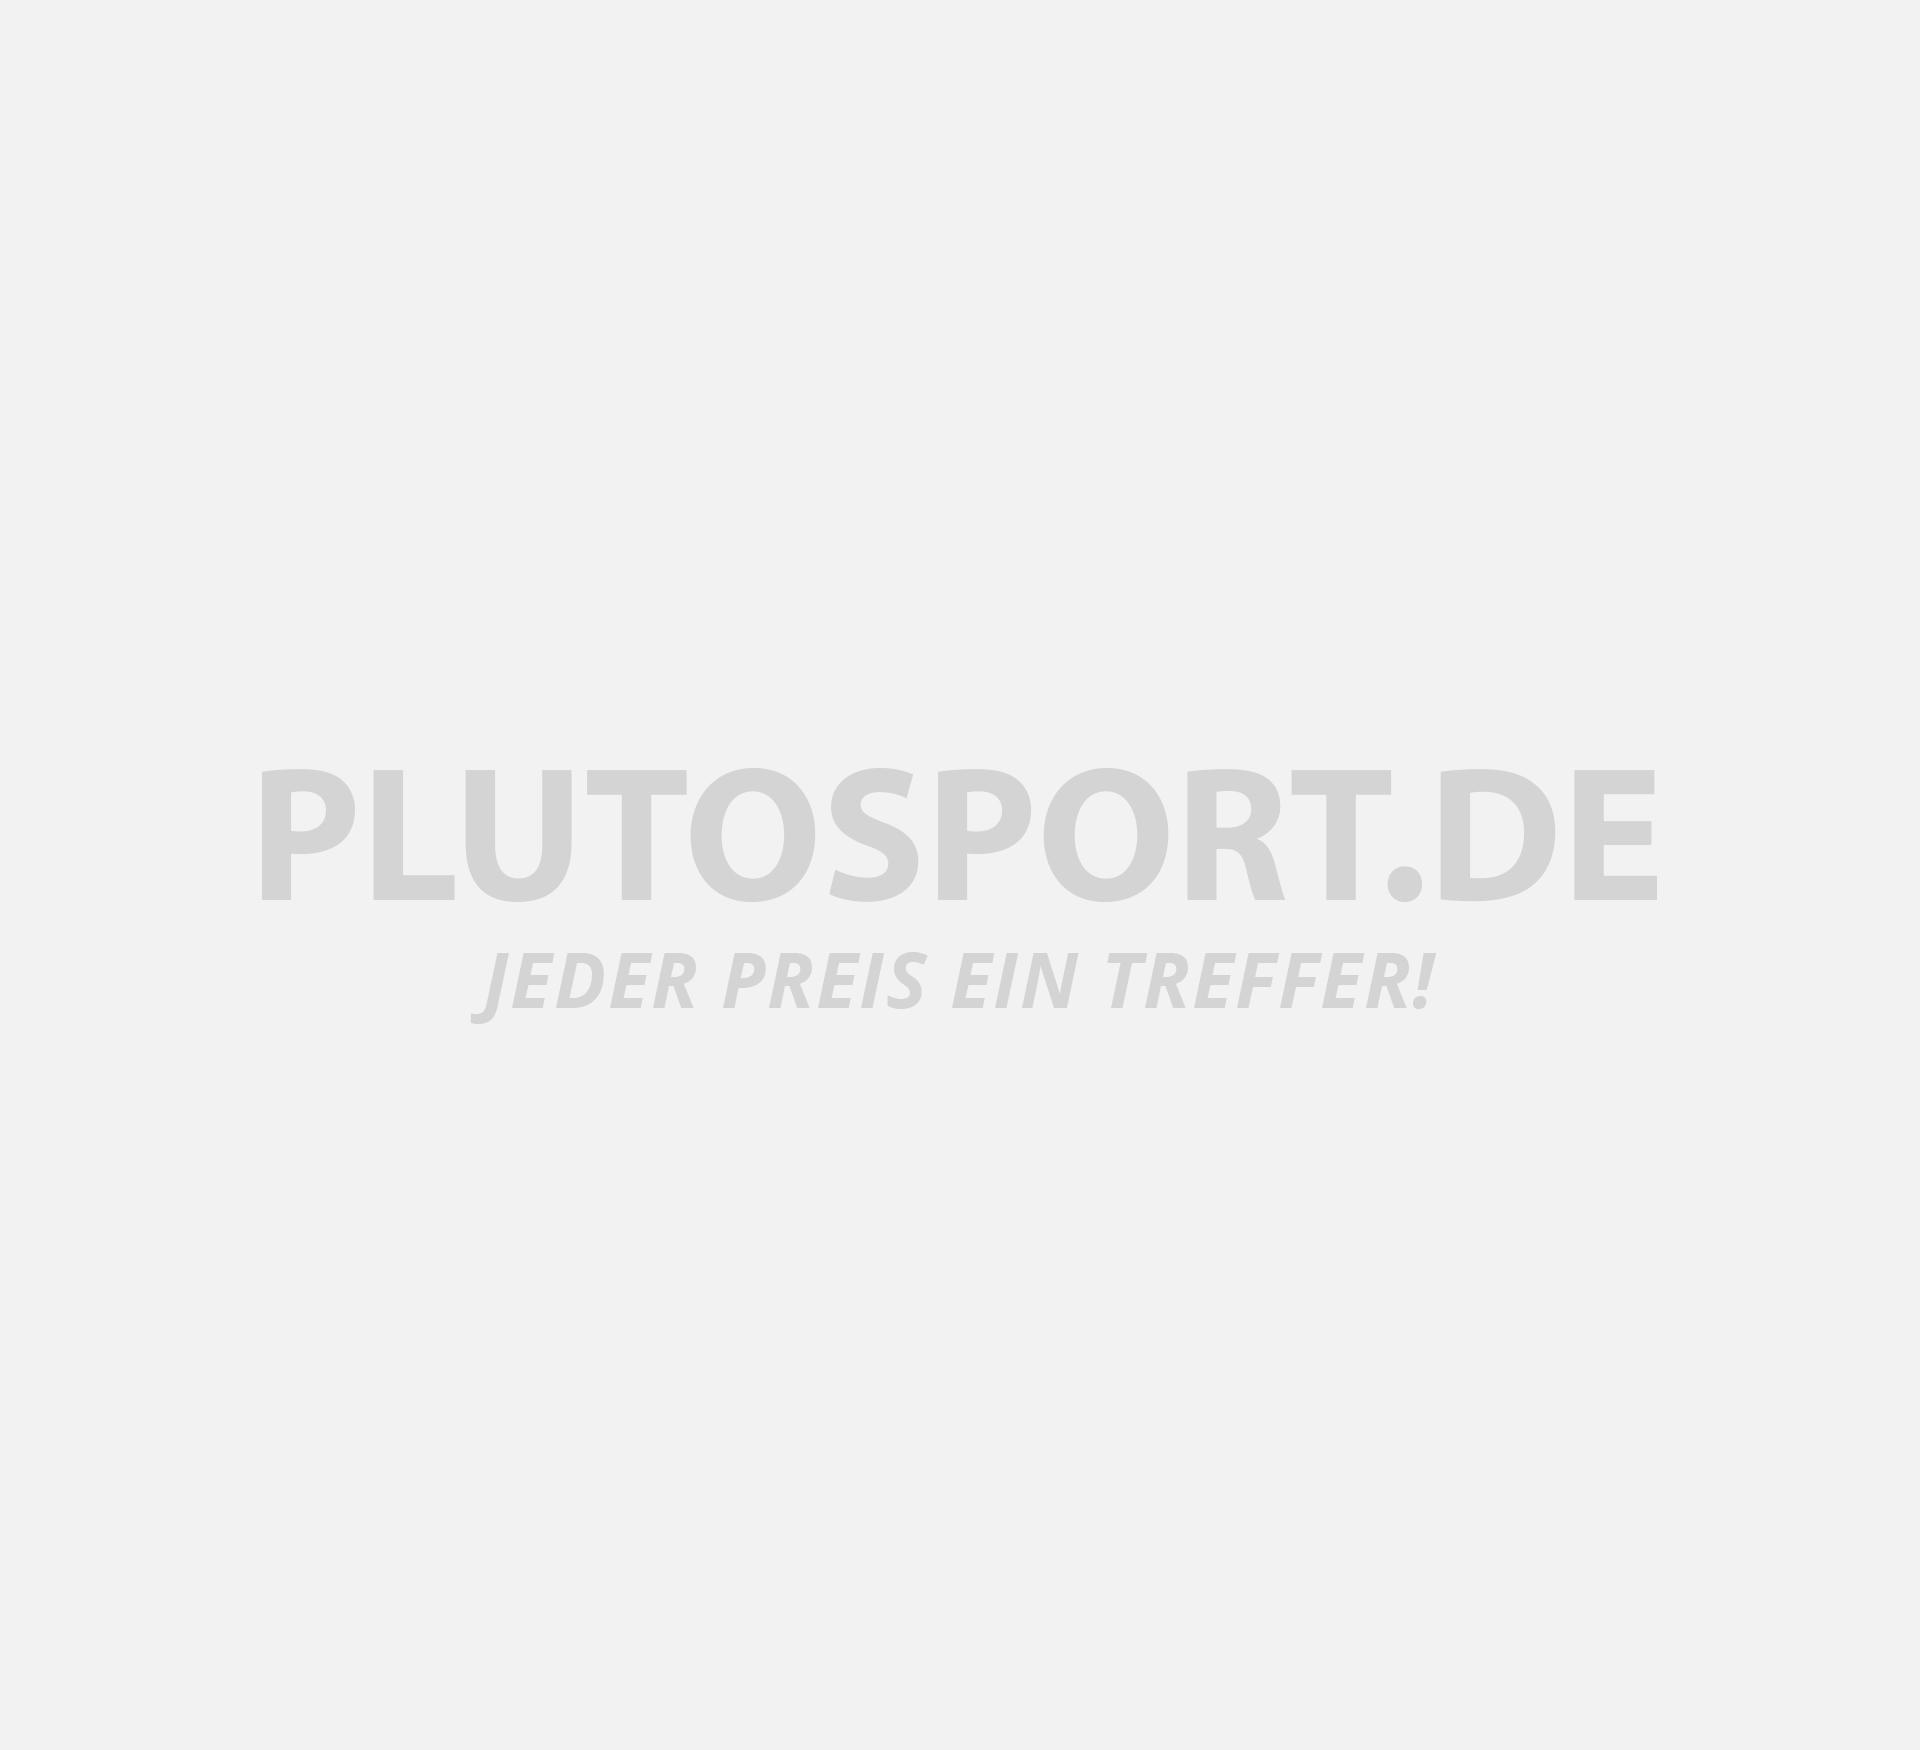 Reusch Attrakt S1 Torwarthandschuhe Kinder